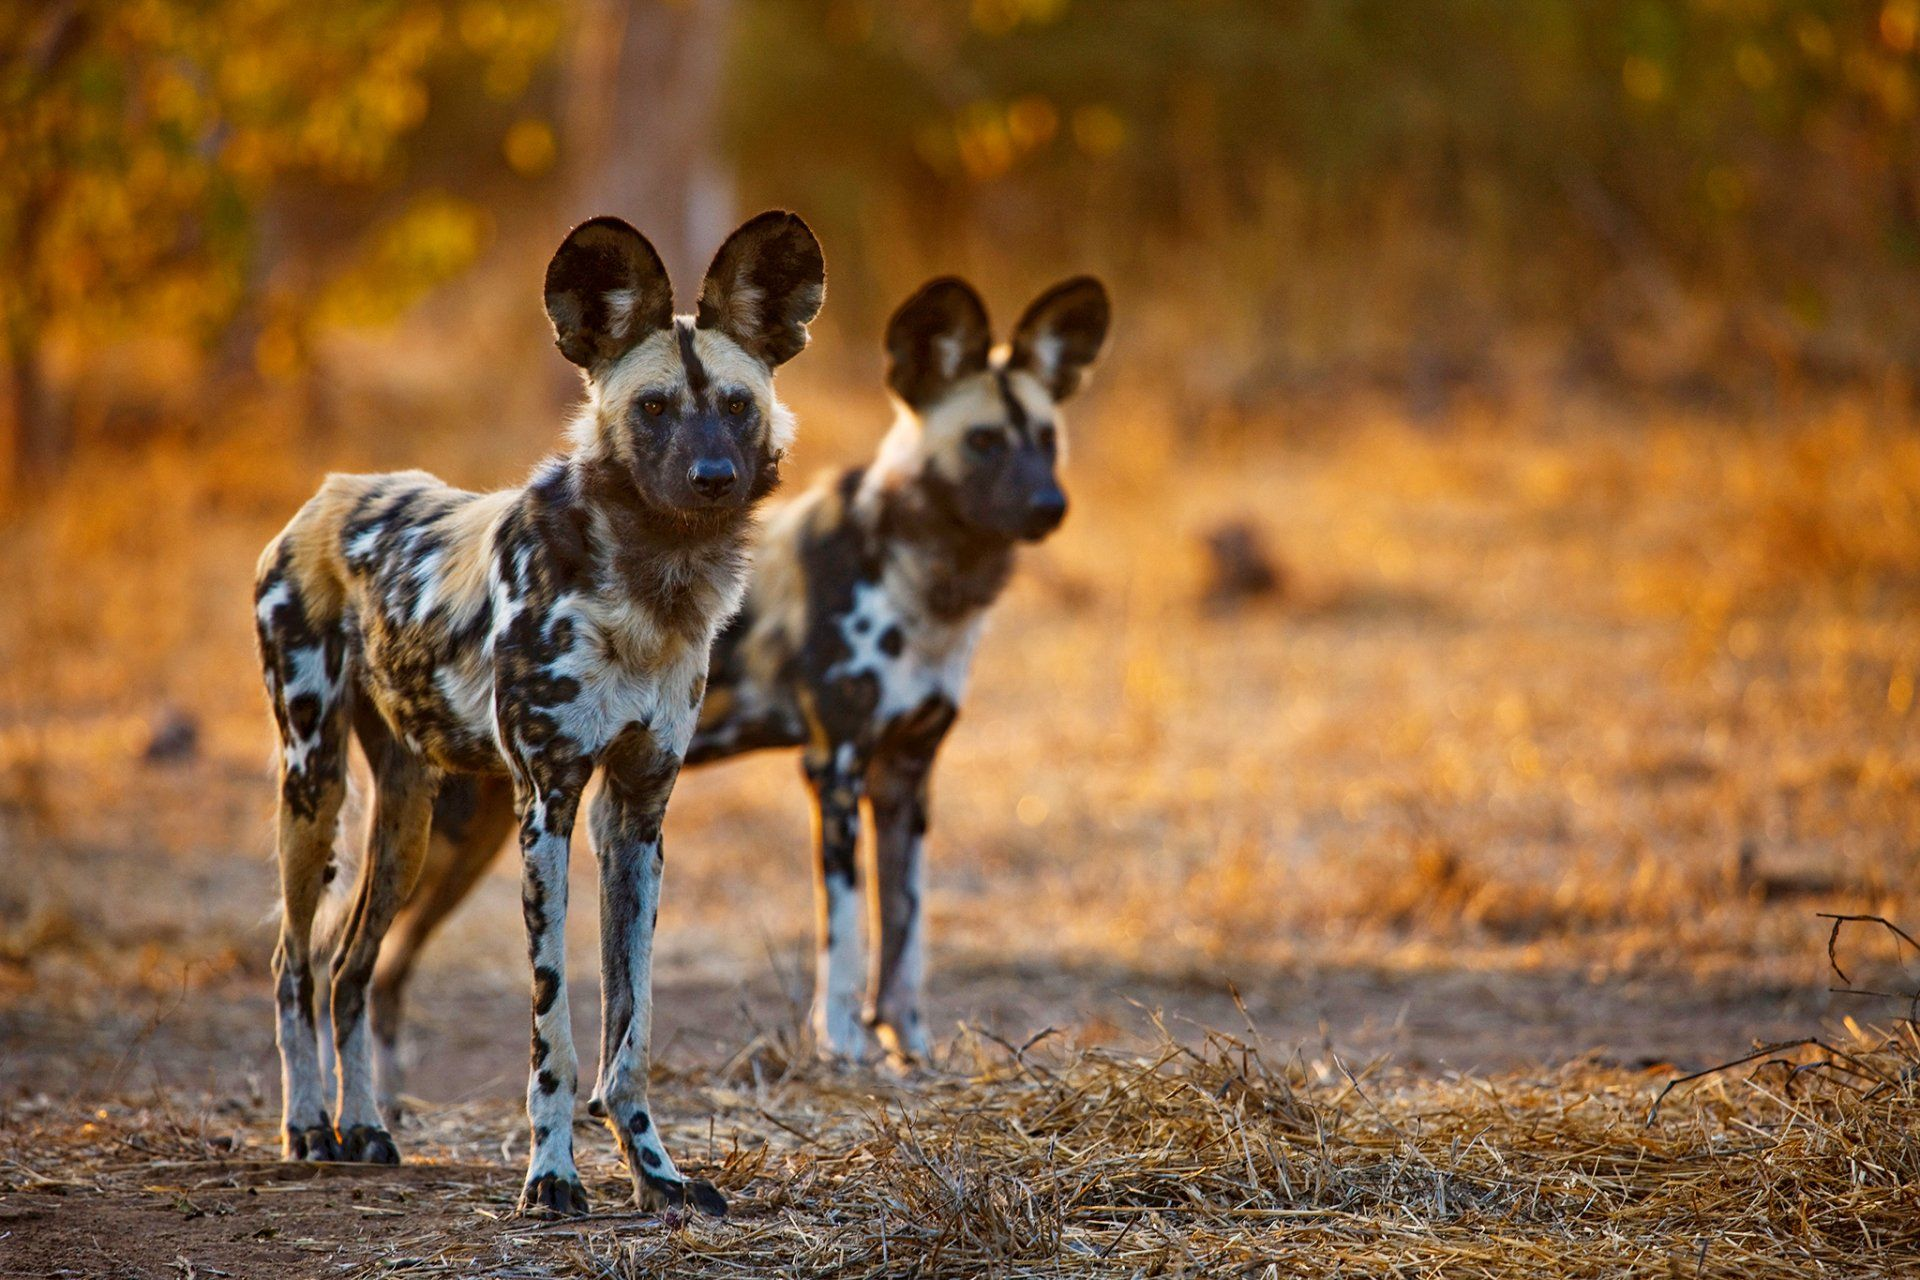 Animal African Wild Dog Wild Dog Wildlife Wallpaper